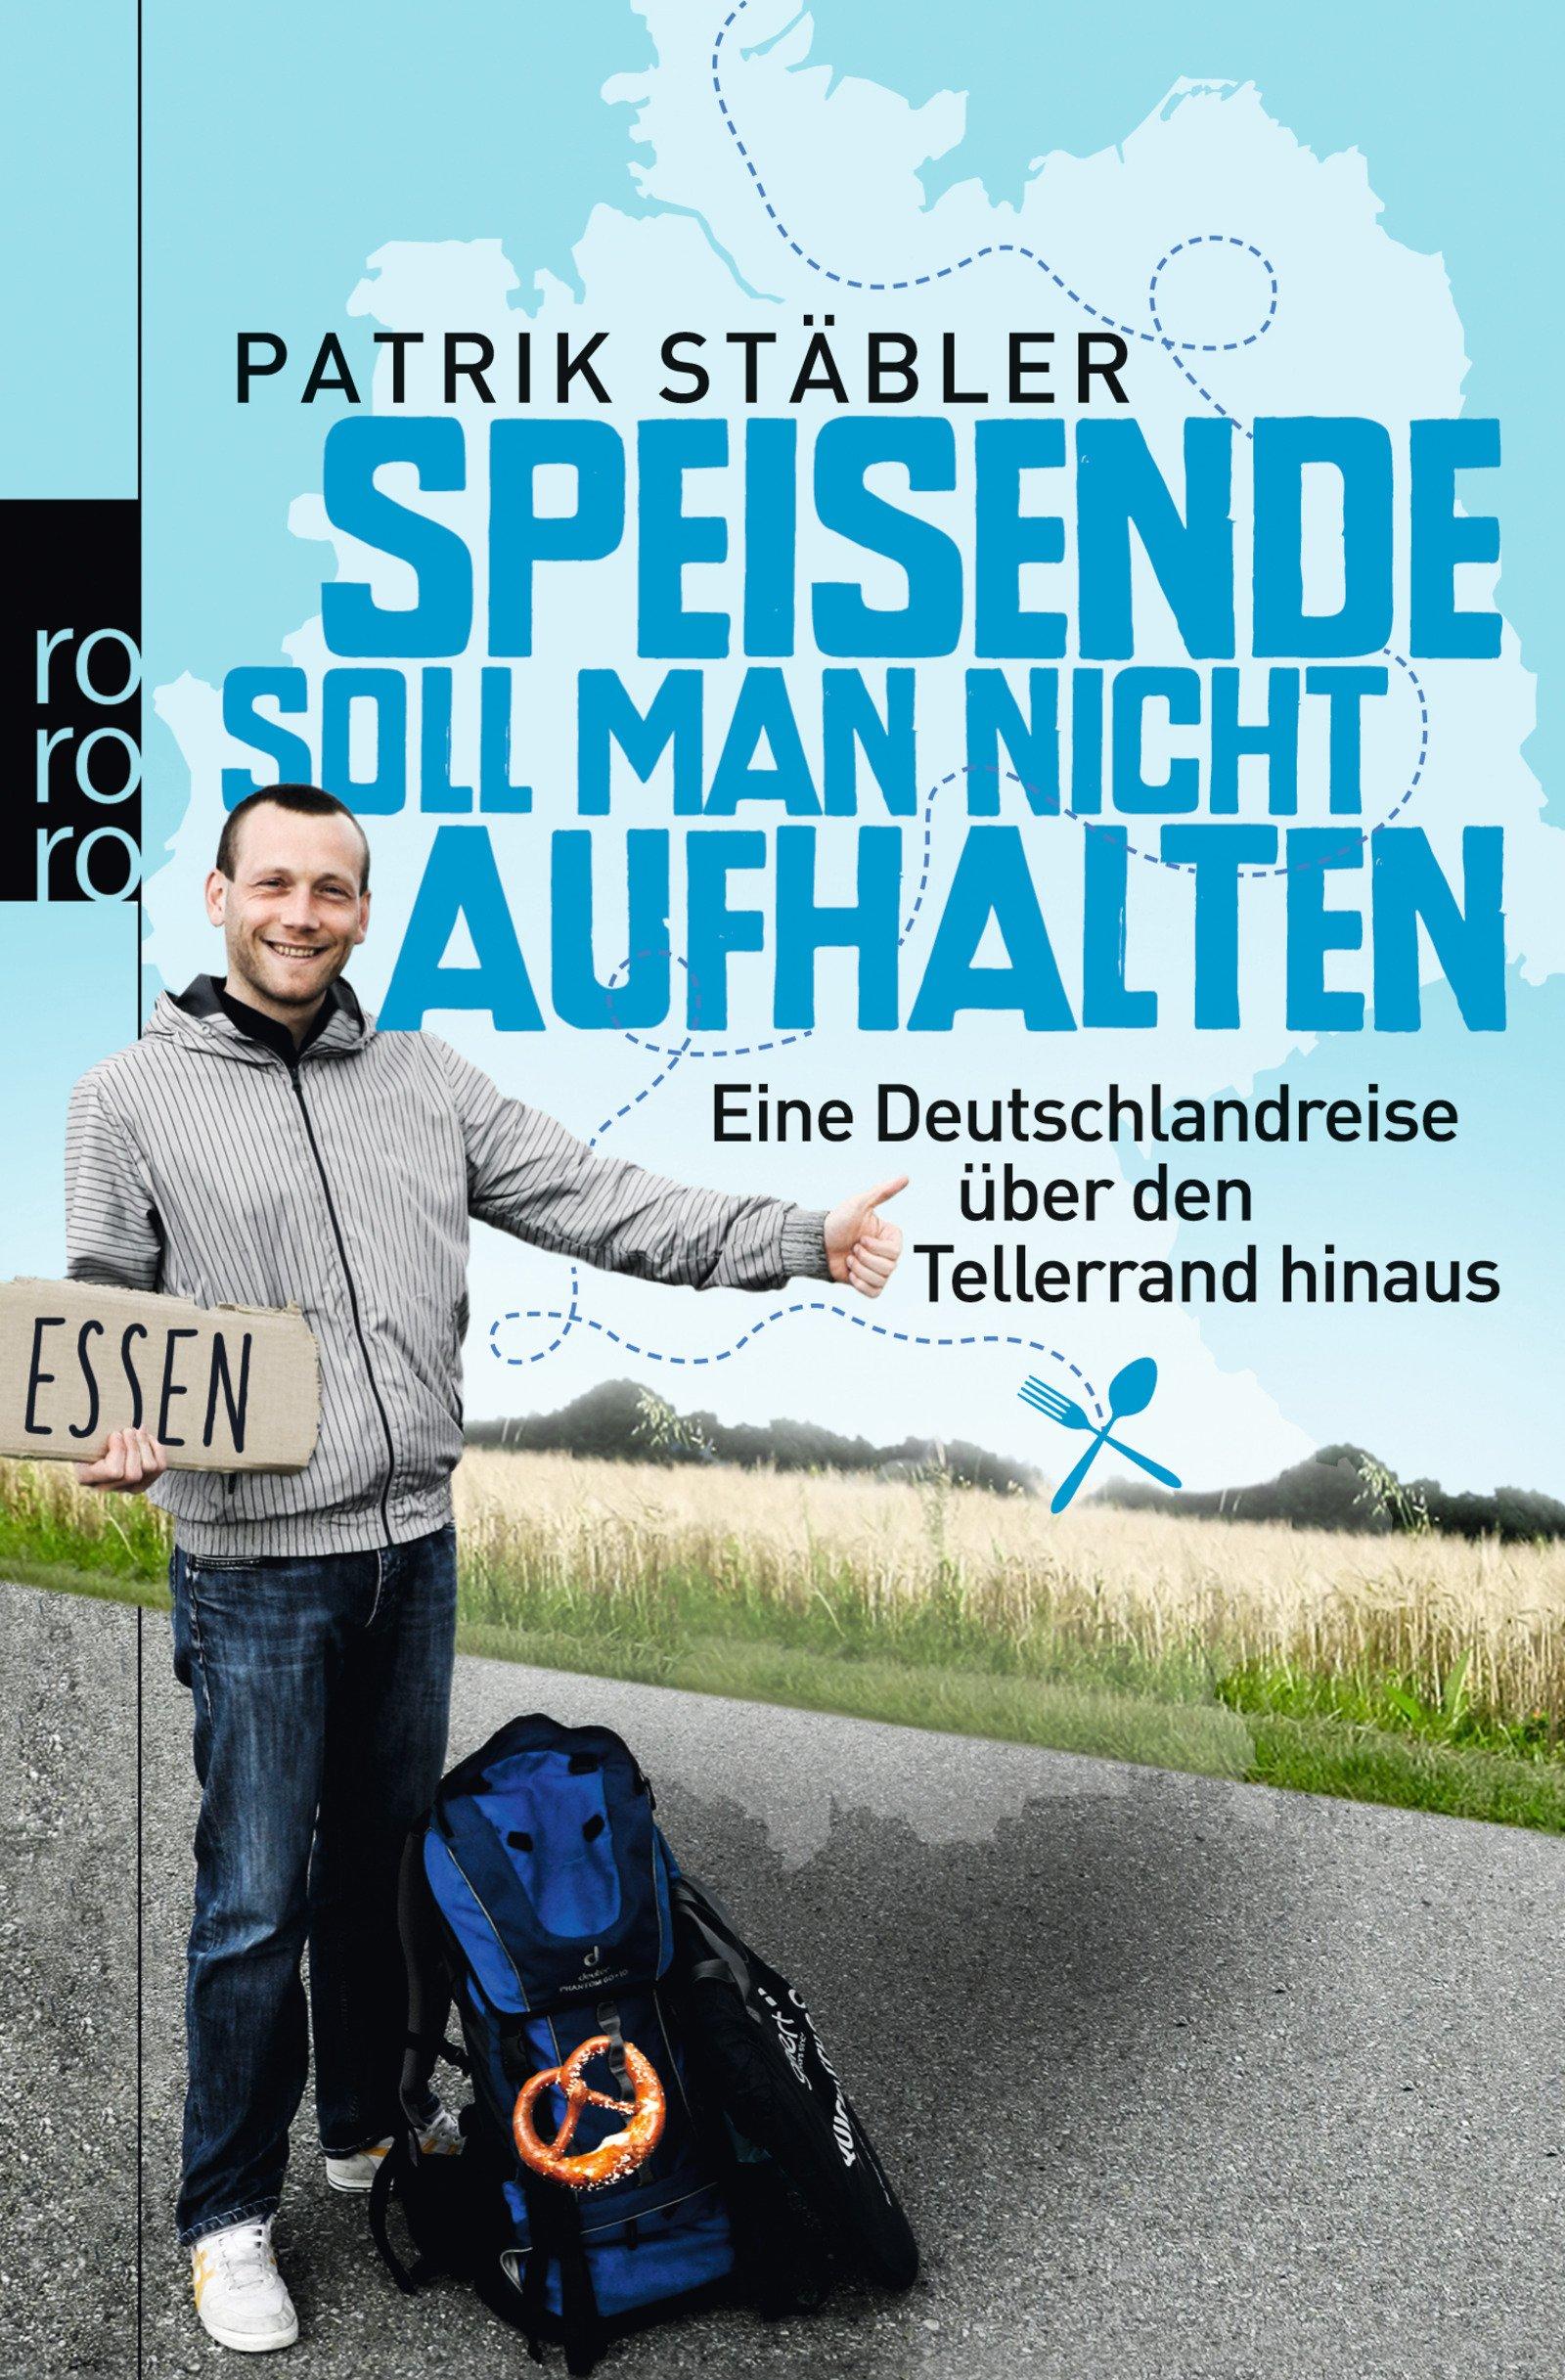 Speisende soll man nicht aufhalten: Eine Deutschlandreise über den Tellerrand hinaus